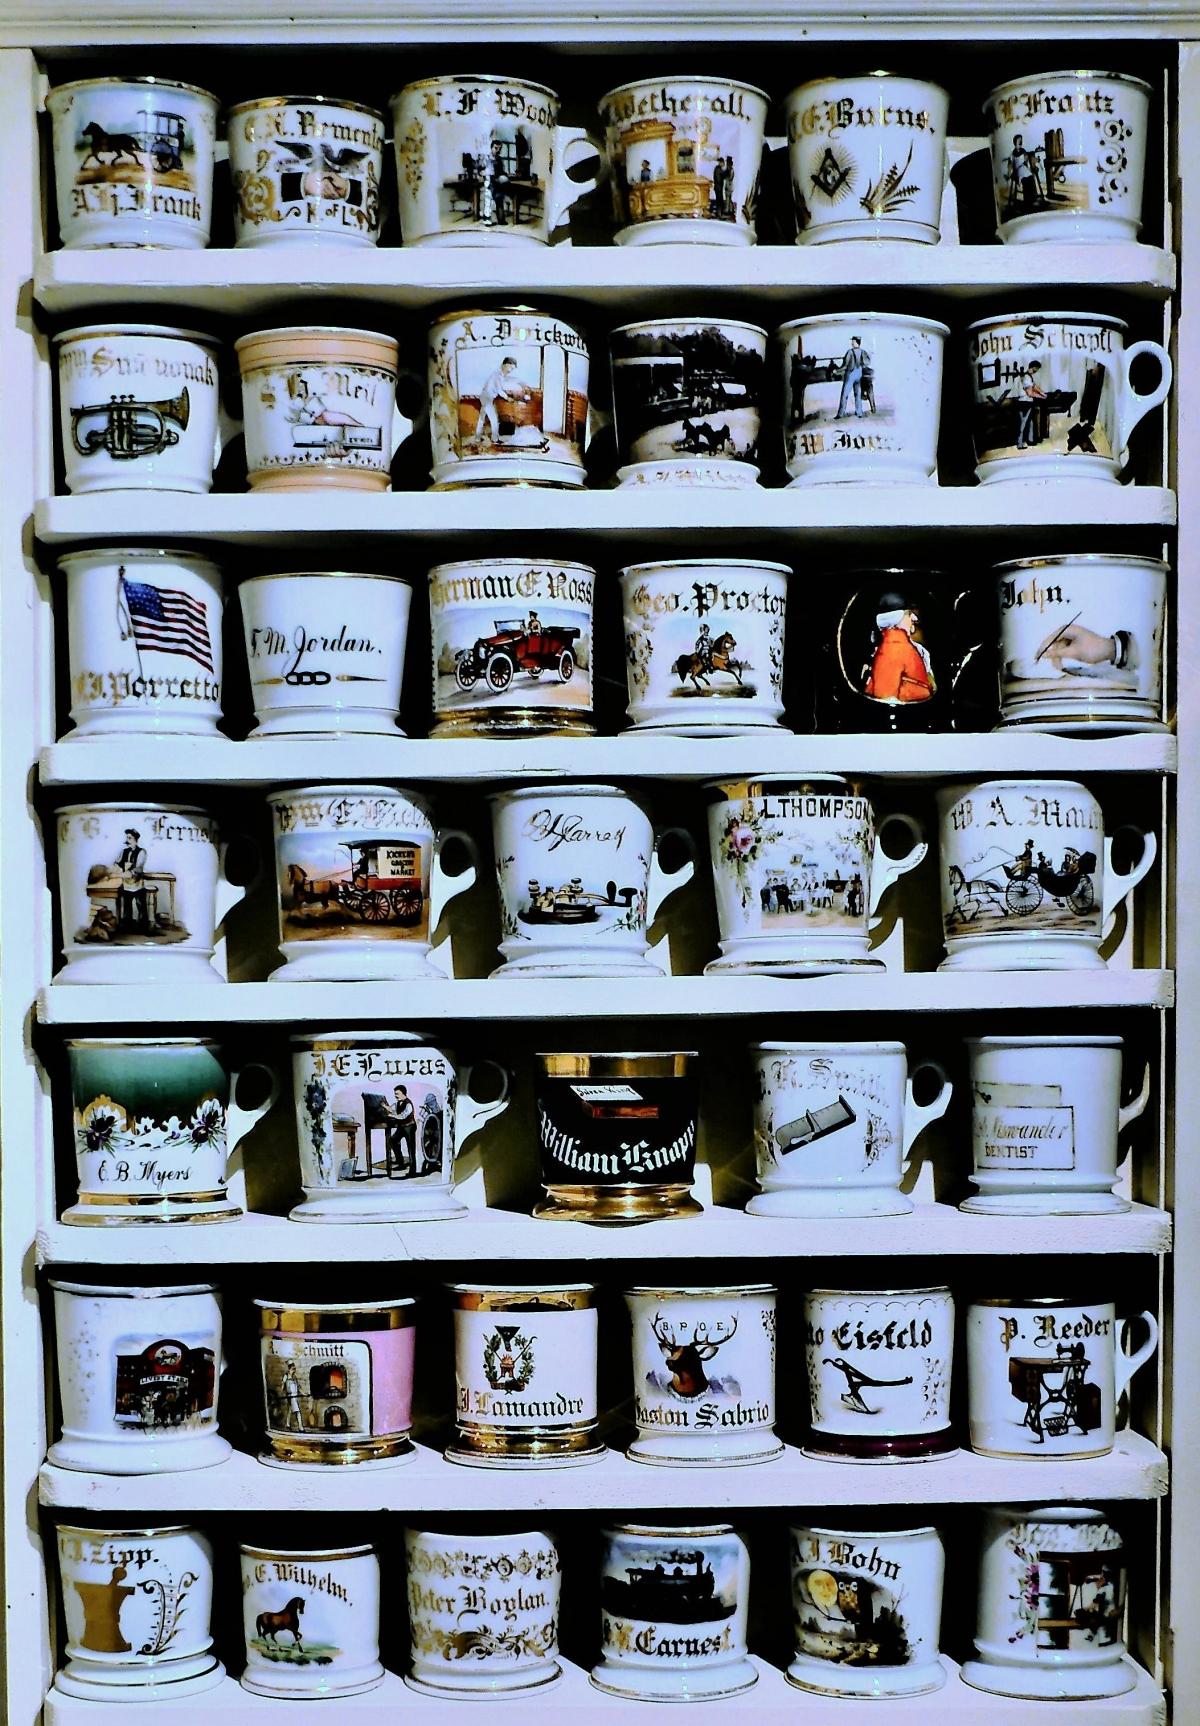 shave-mugs-3.jpg